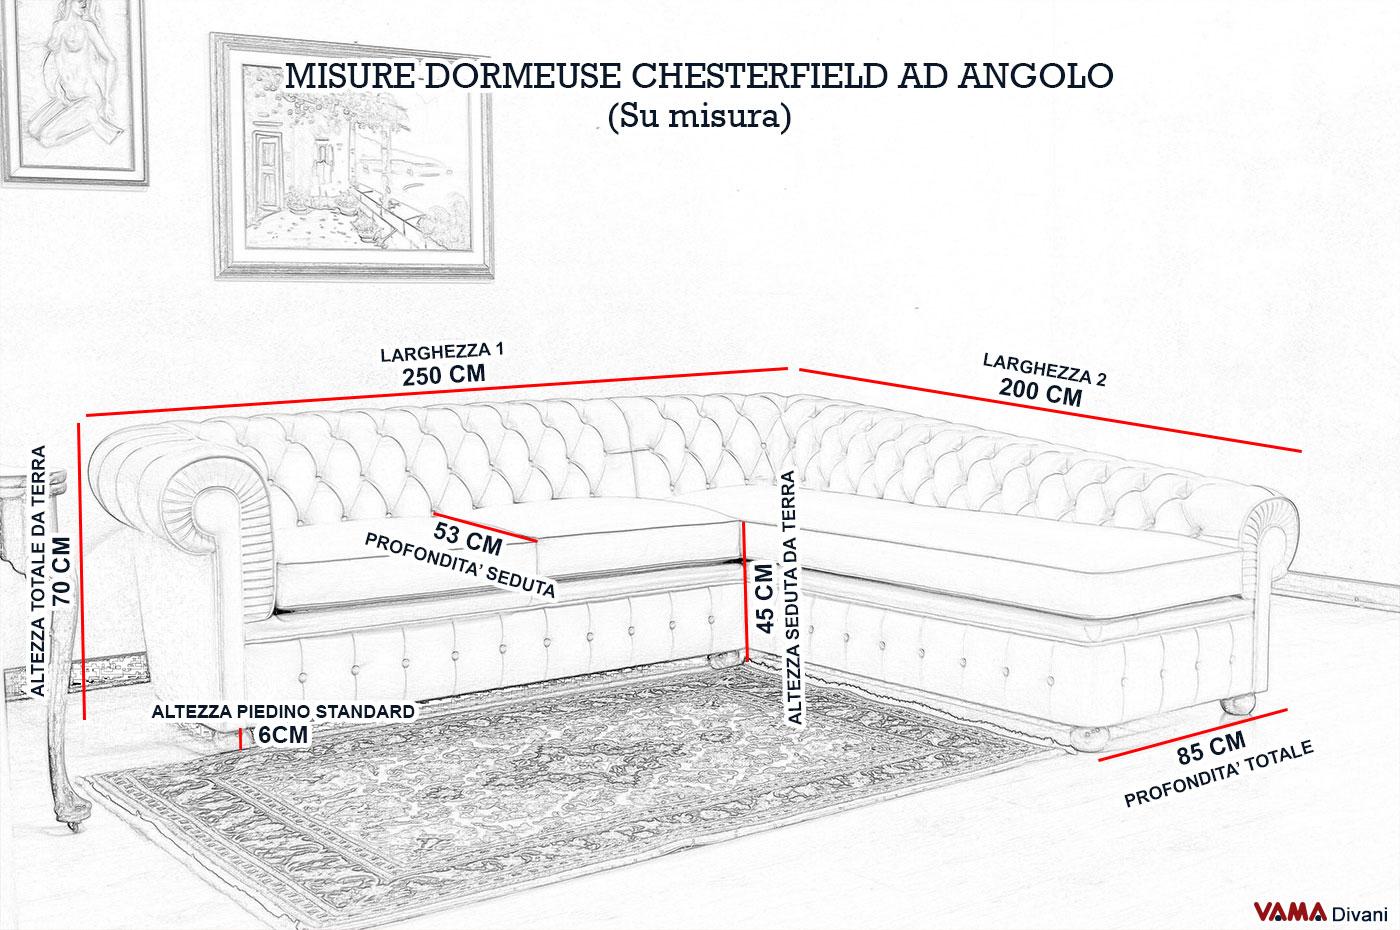 Dormeuse chesterfield angolare con penisola prezzi e misure for Misure divano ad angolo